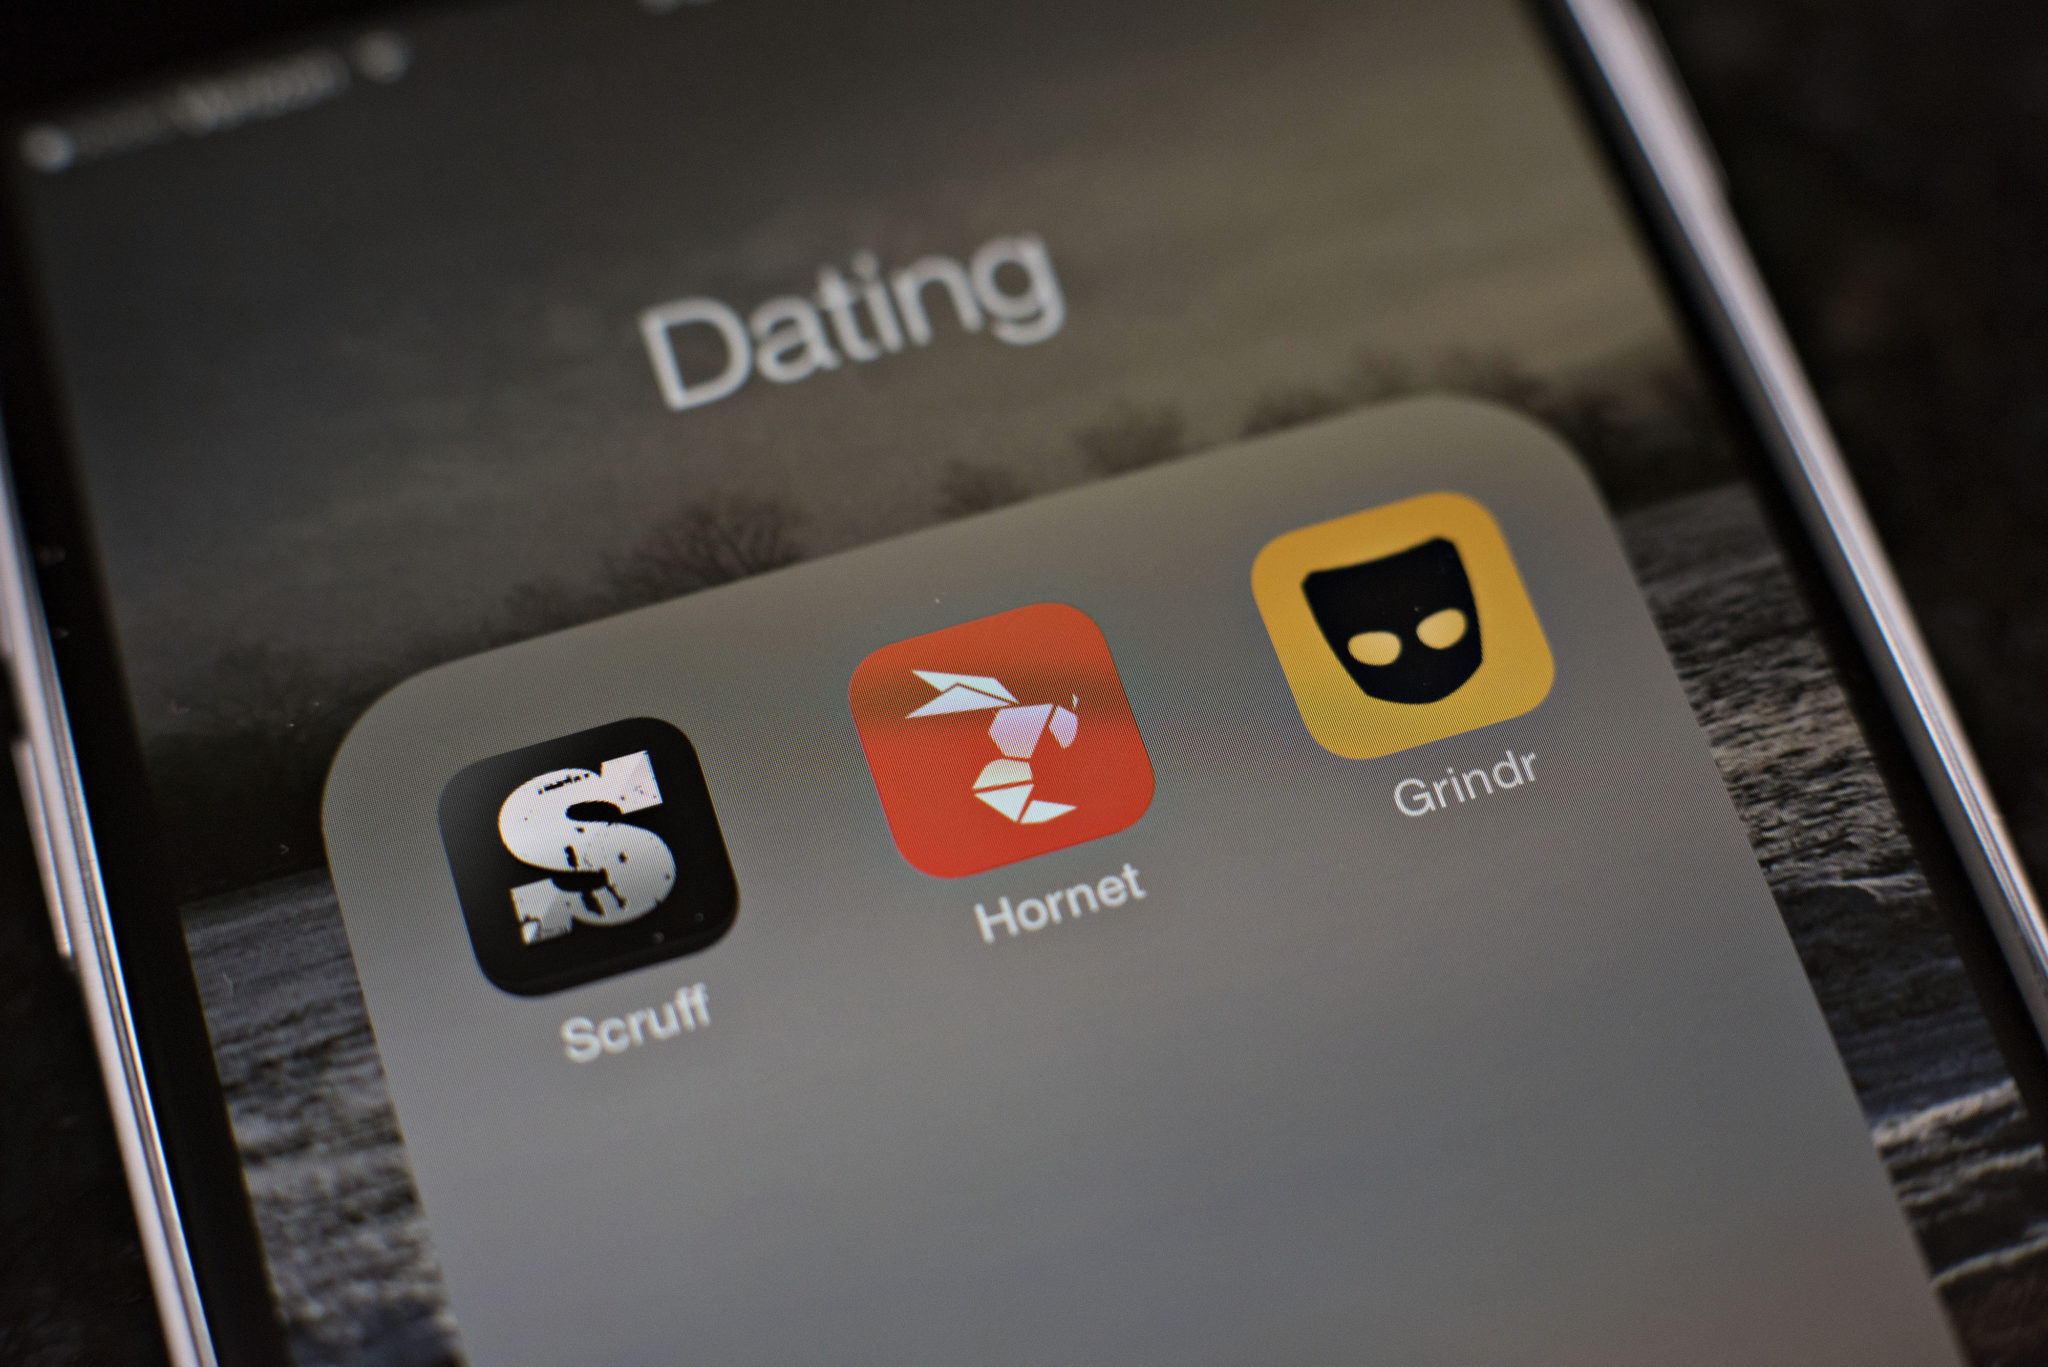 κύμα 105 40 dating σύνδεση